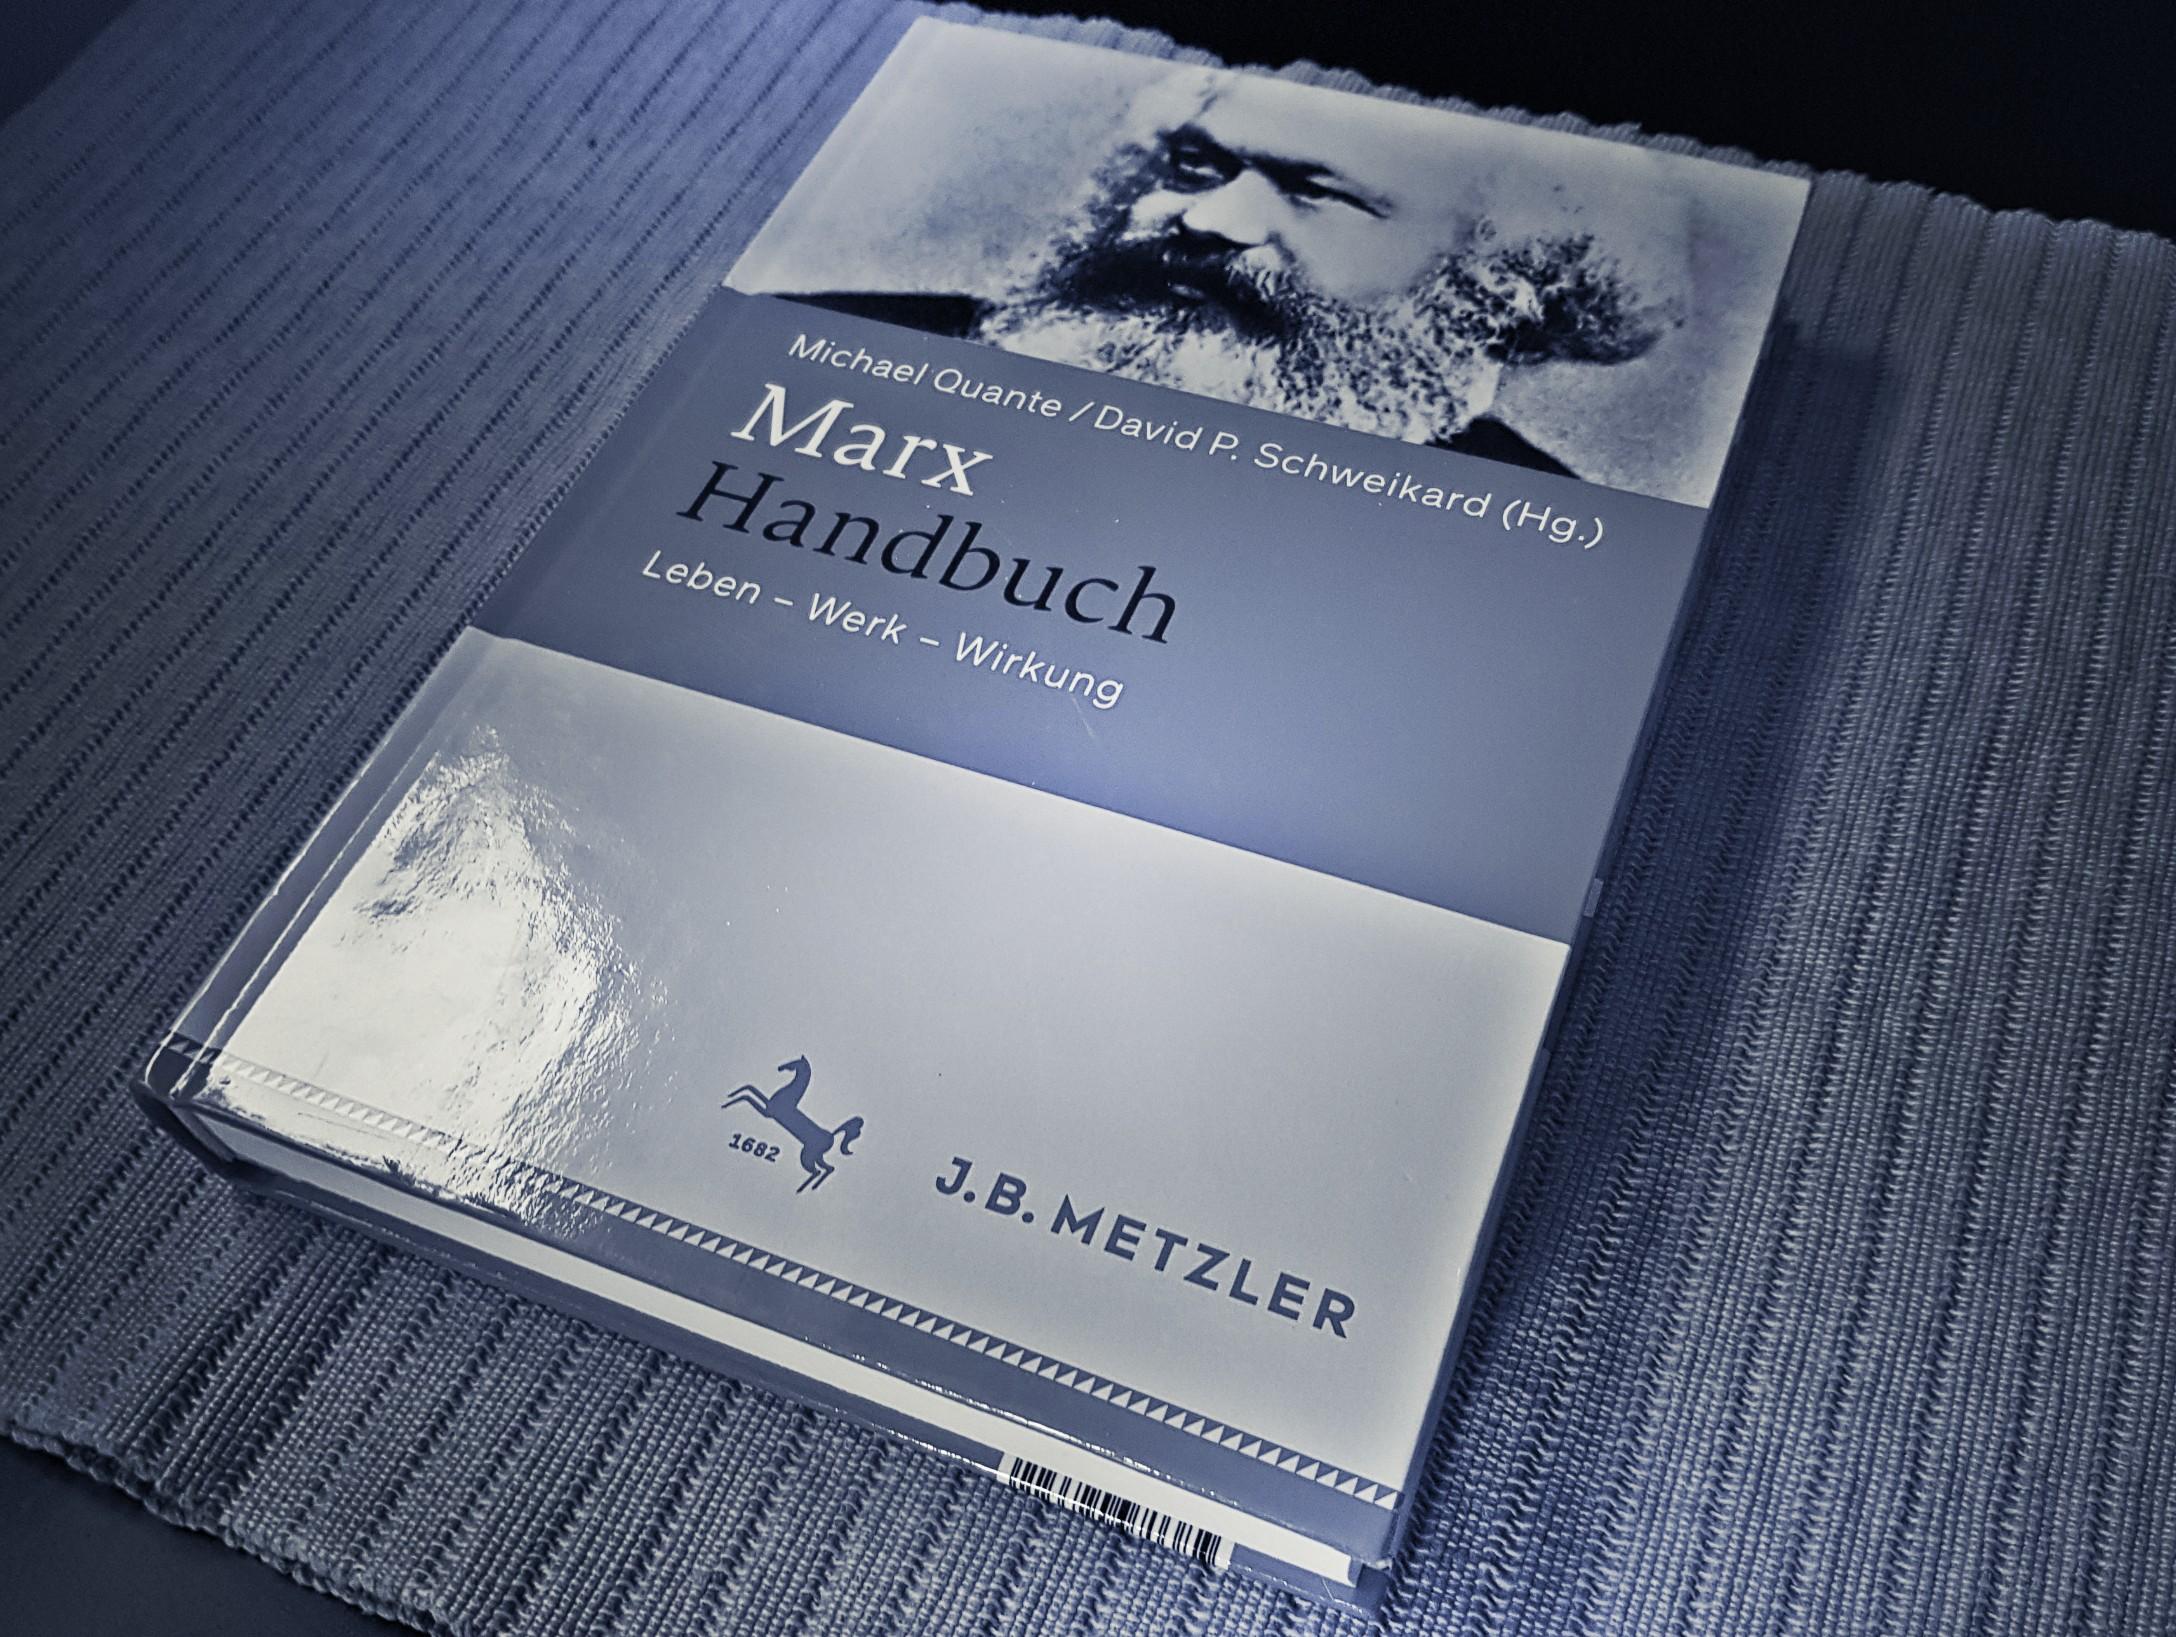 [Rezension] Michael Quante, David P. Schweikard – Marx Handbuch. Leben – Werk – Wirkung